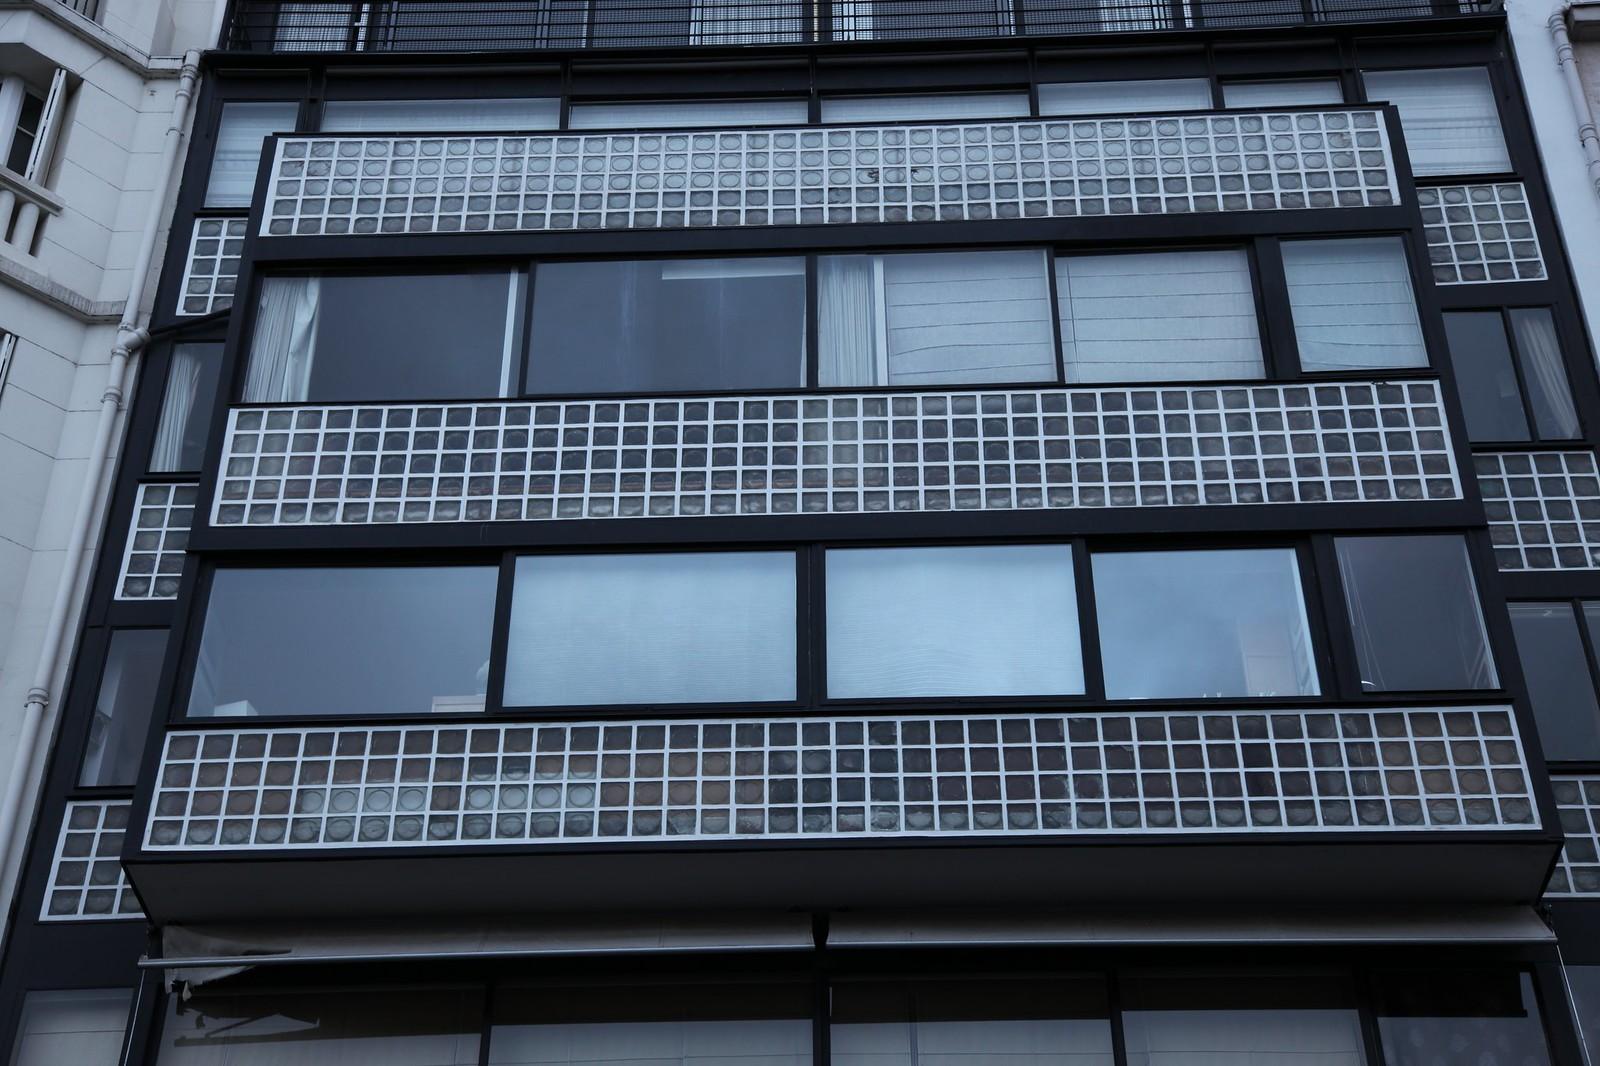 L'abitazione di Le Corbusier alla Porte Molitor, Parigi, Francia